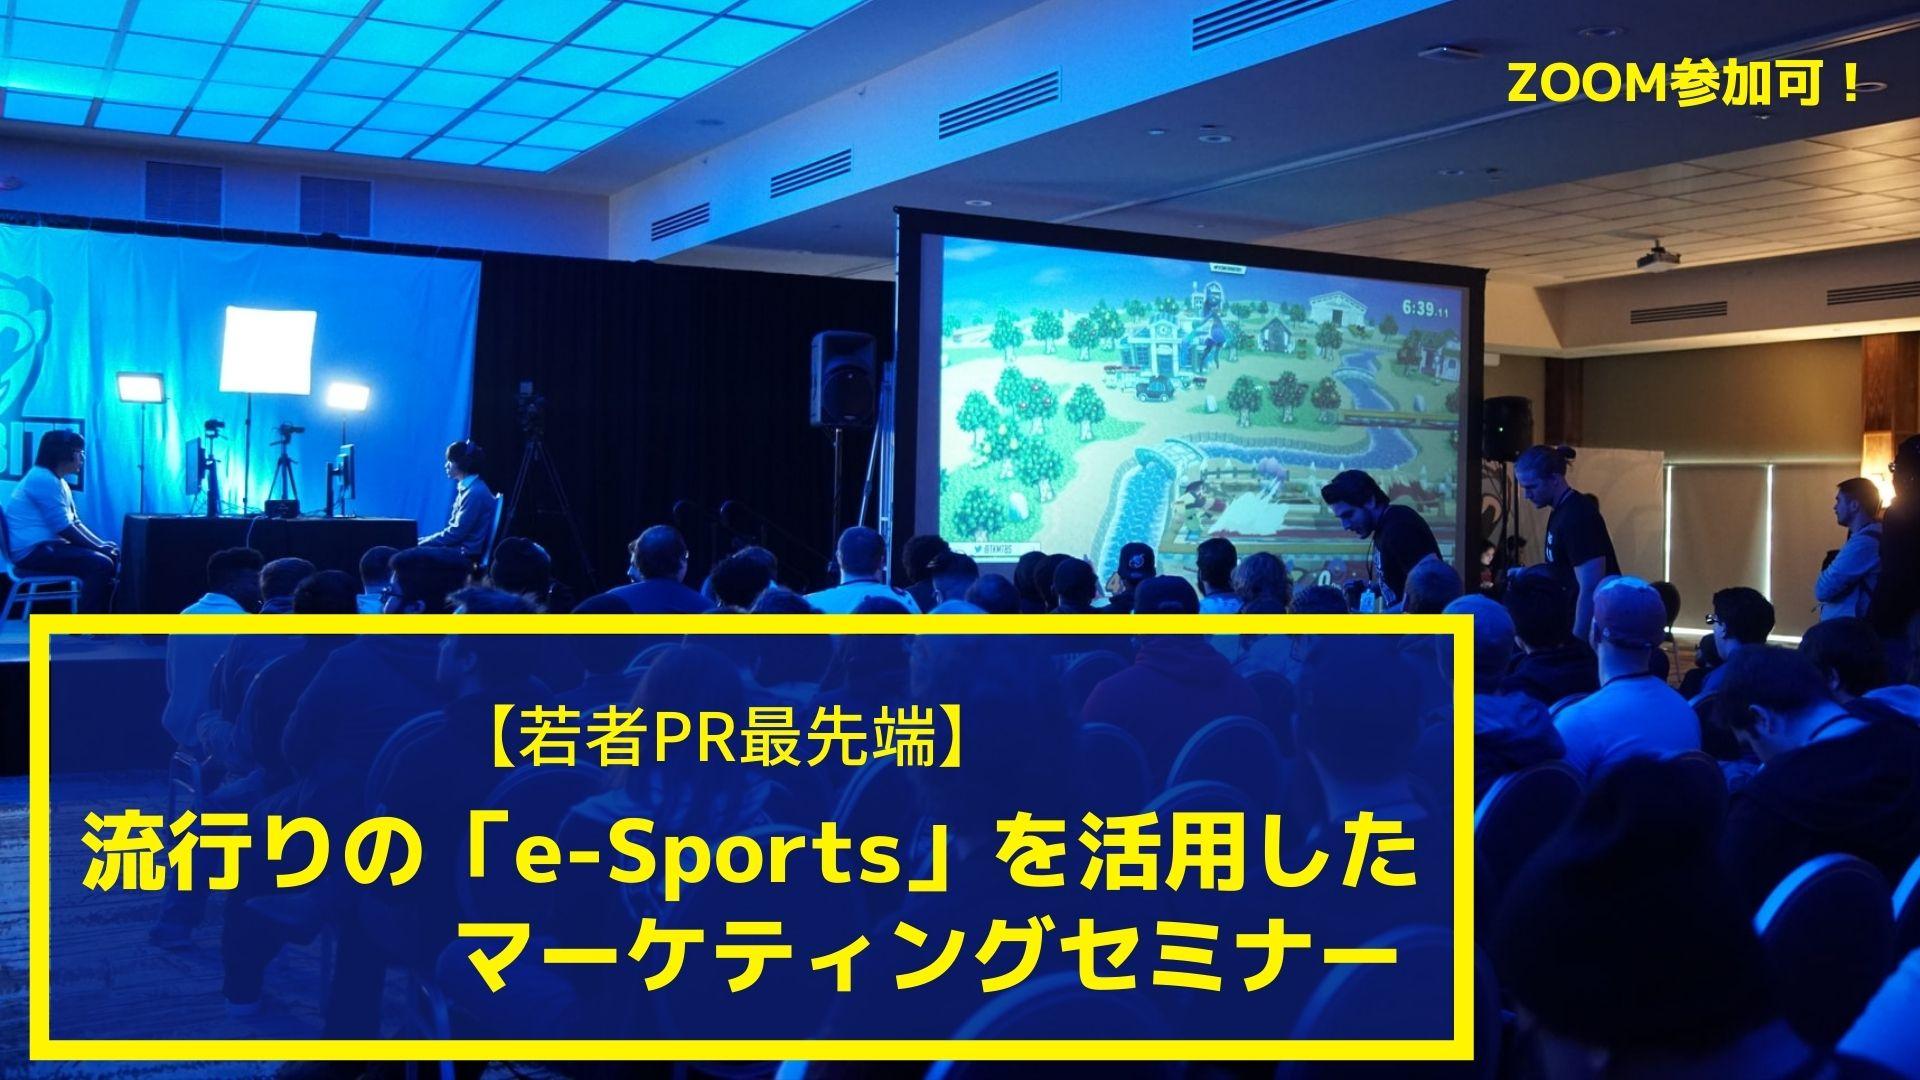 9/21【若者PRの最先端】流行りの「e-Sports」を活用したマーケティングセミナー